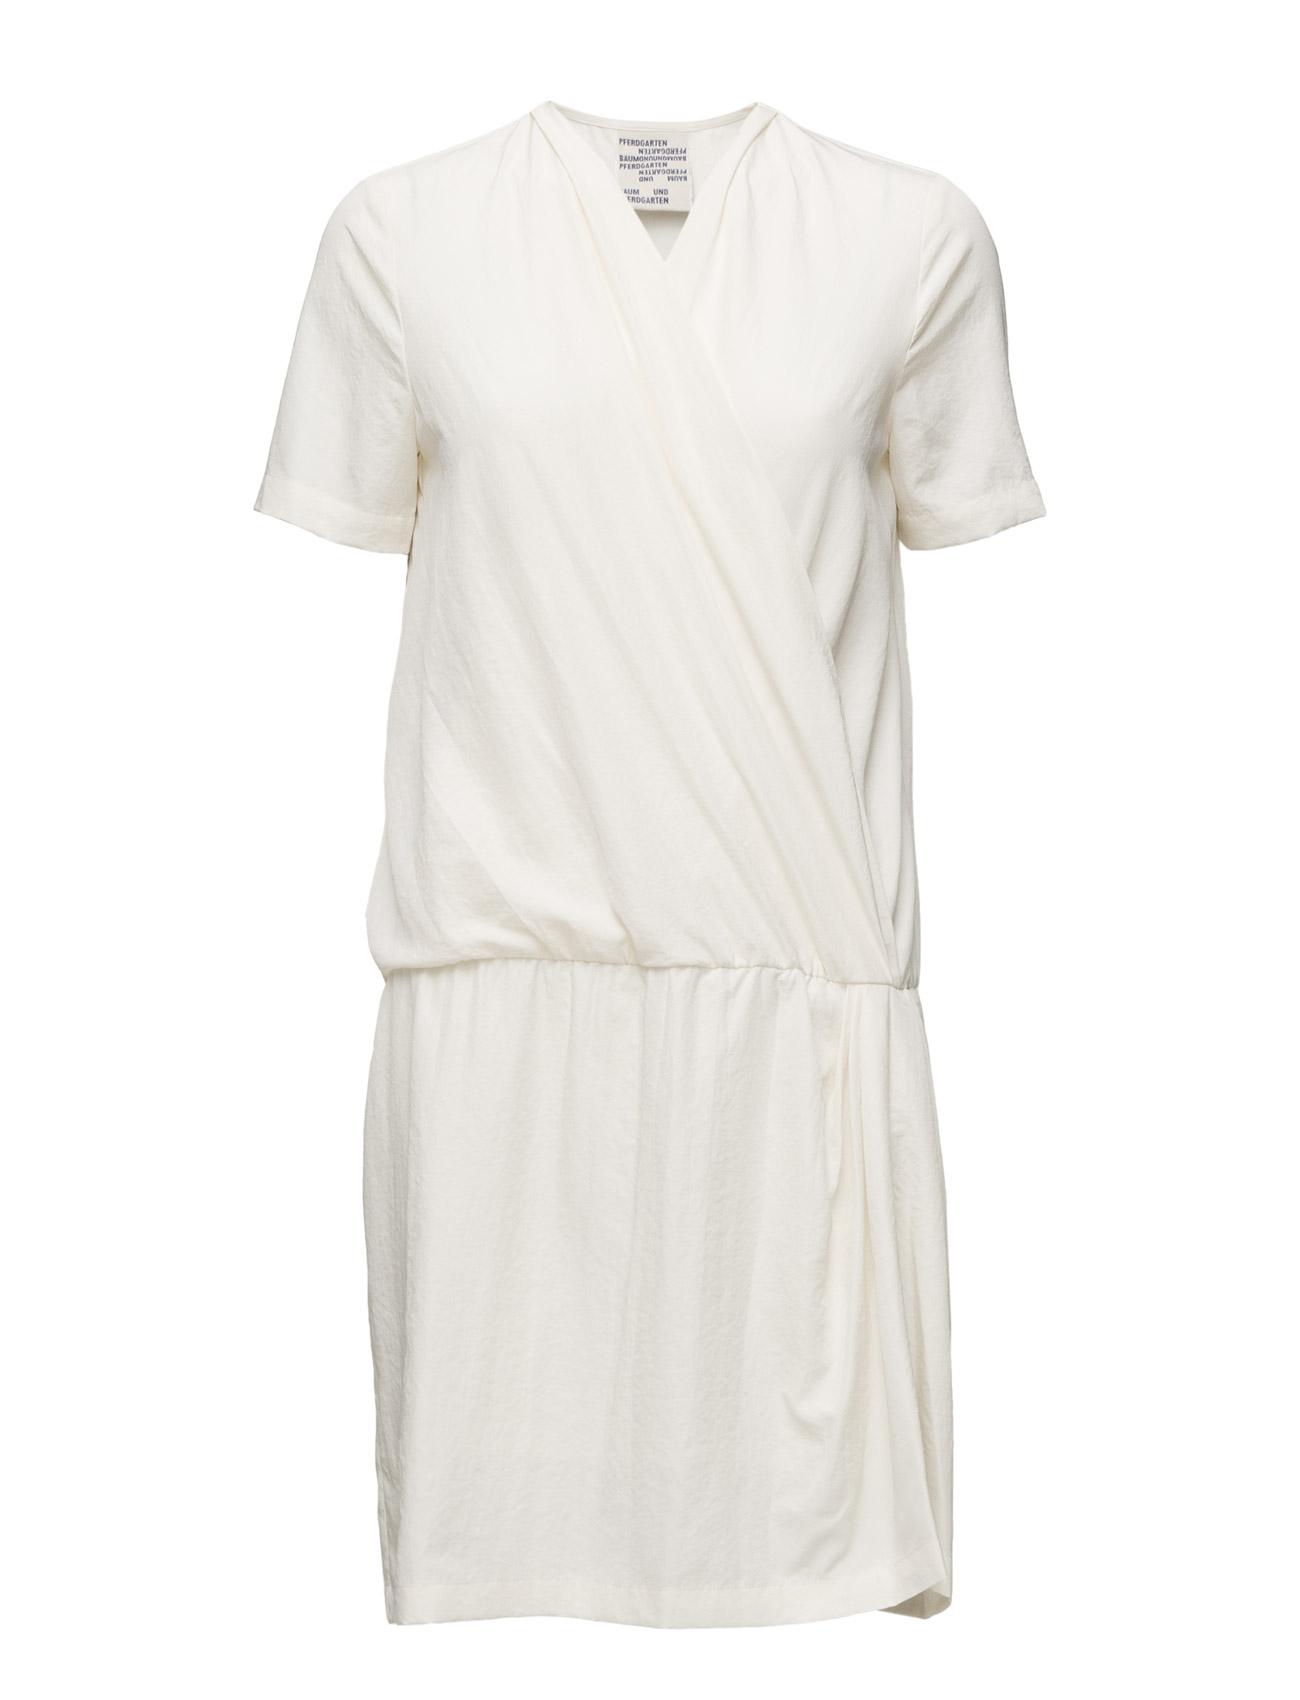 Aloutte Baum und Pferdgarten Korte kjoler til Kvinder i Antique White